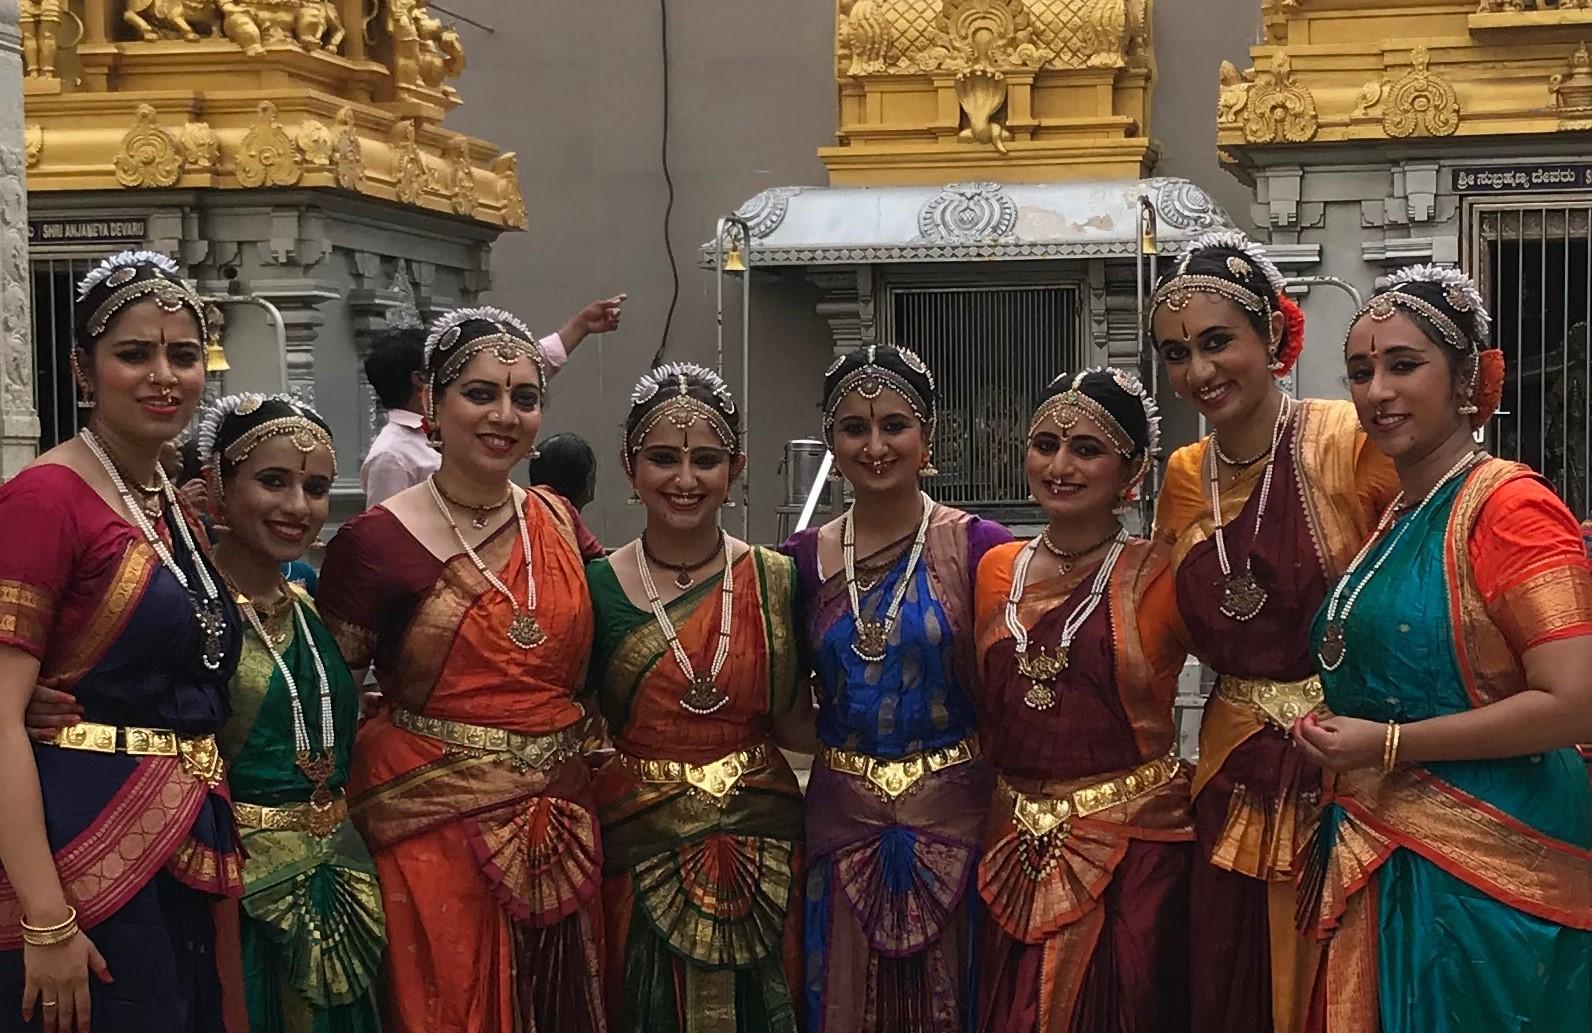 Dancers Charulatha, Purvi, Resham, Dhwani, Manasi, Chaitrali, Varsha and Nisha at Murdeshwar Temple